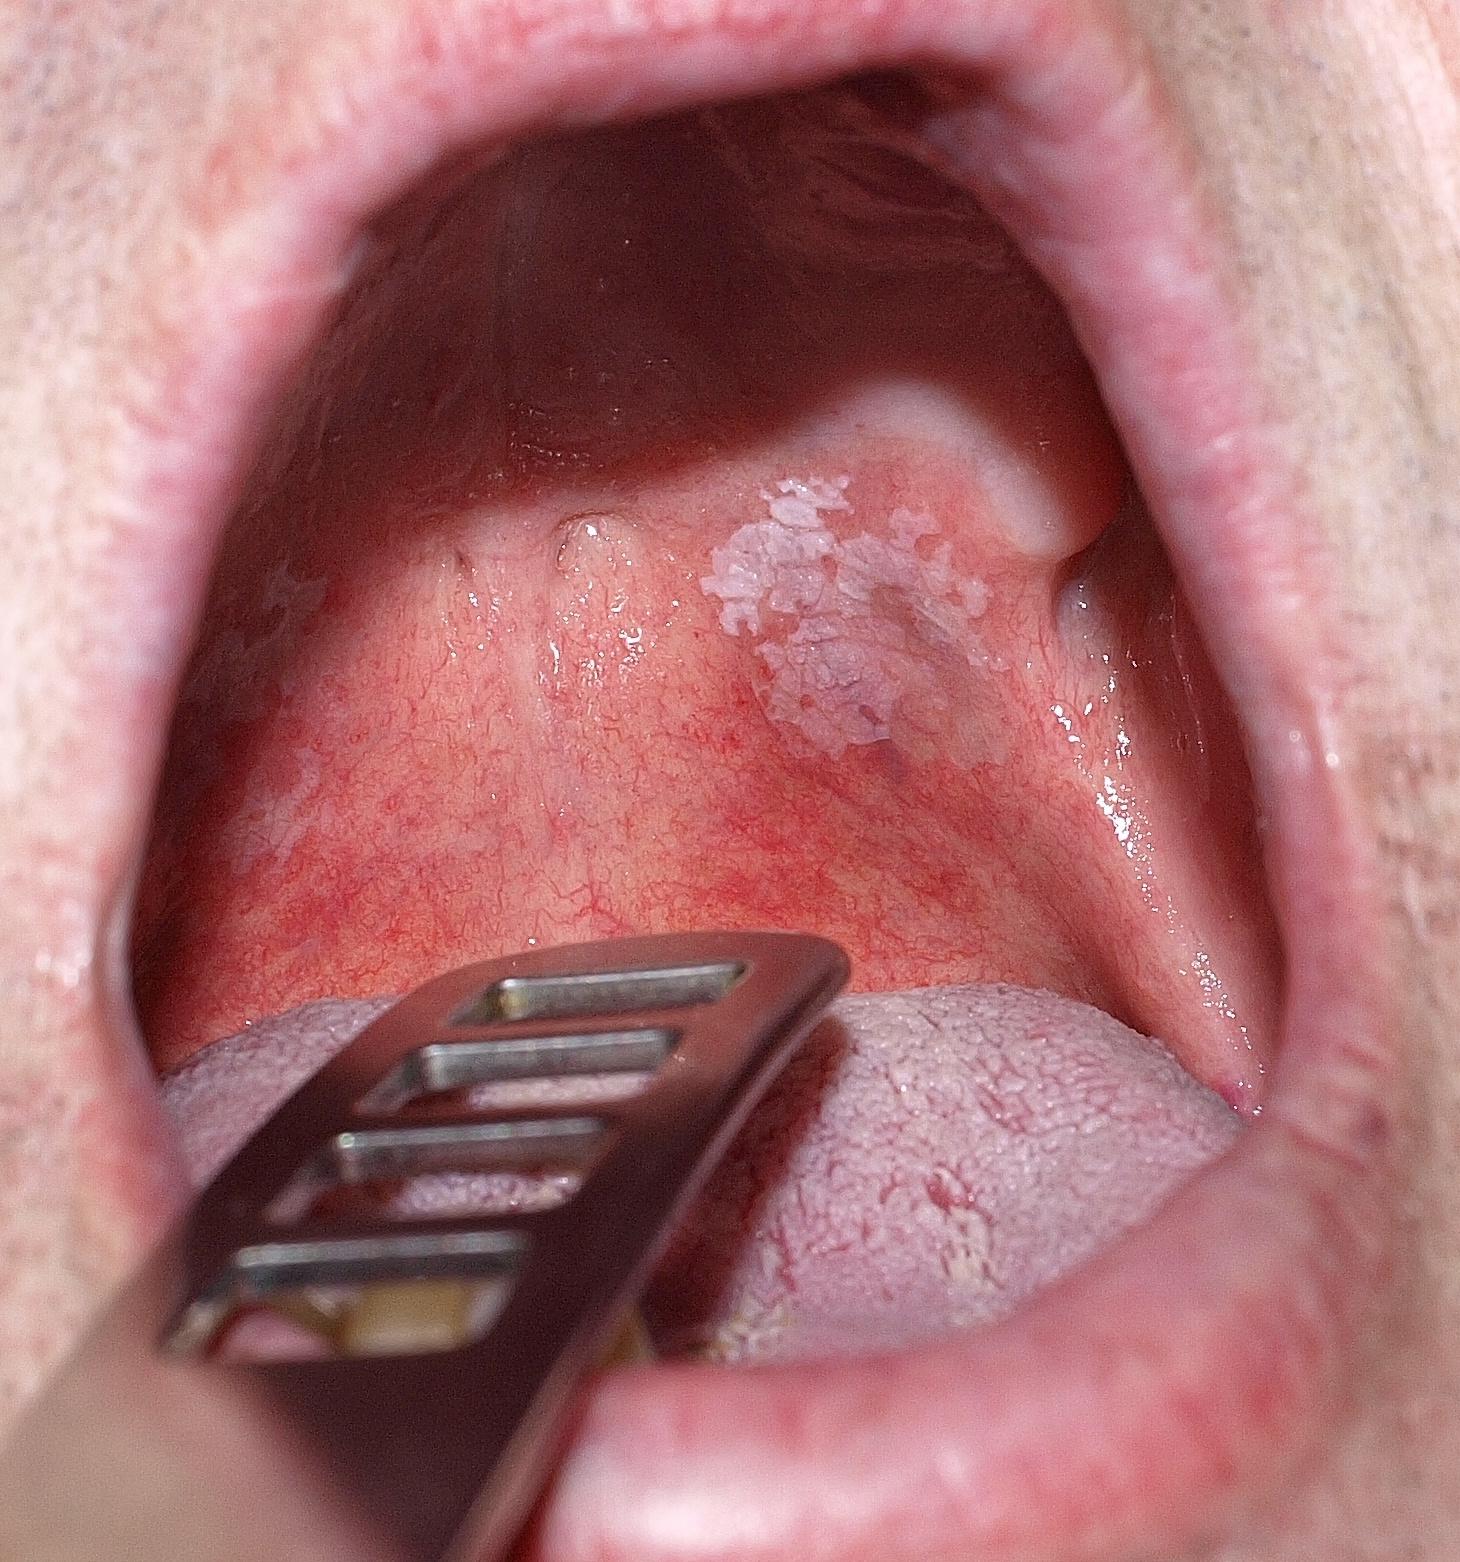 hpv szemölcsök a nyelv hátsó részén